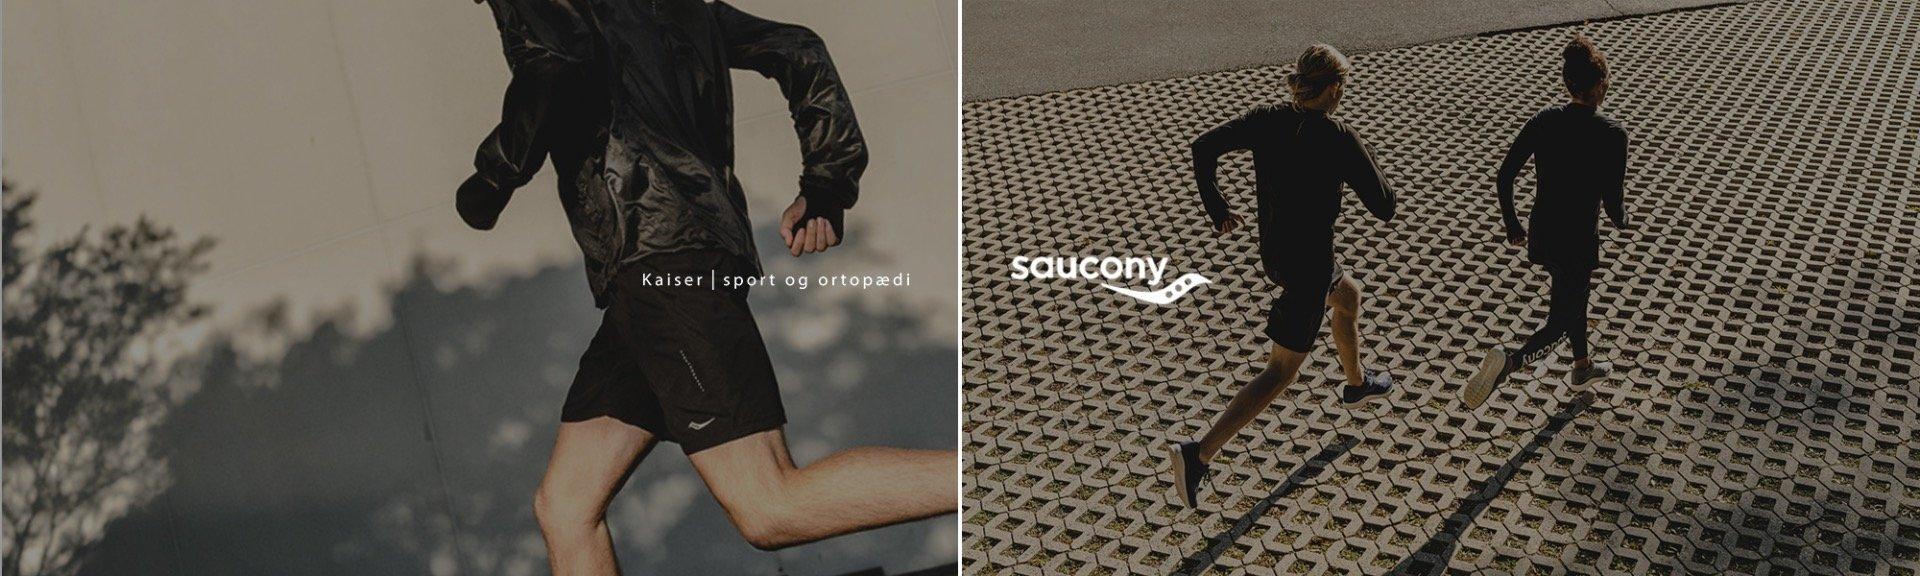 Køb Saucony løbesko og løbetøj online til dame og herre på kaisersport.dk med fri fragt og 365 dages retur